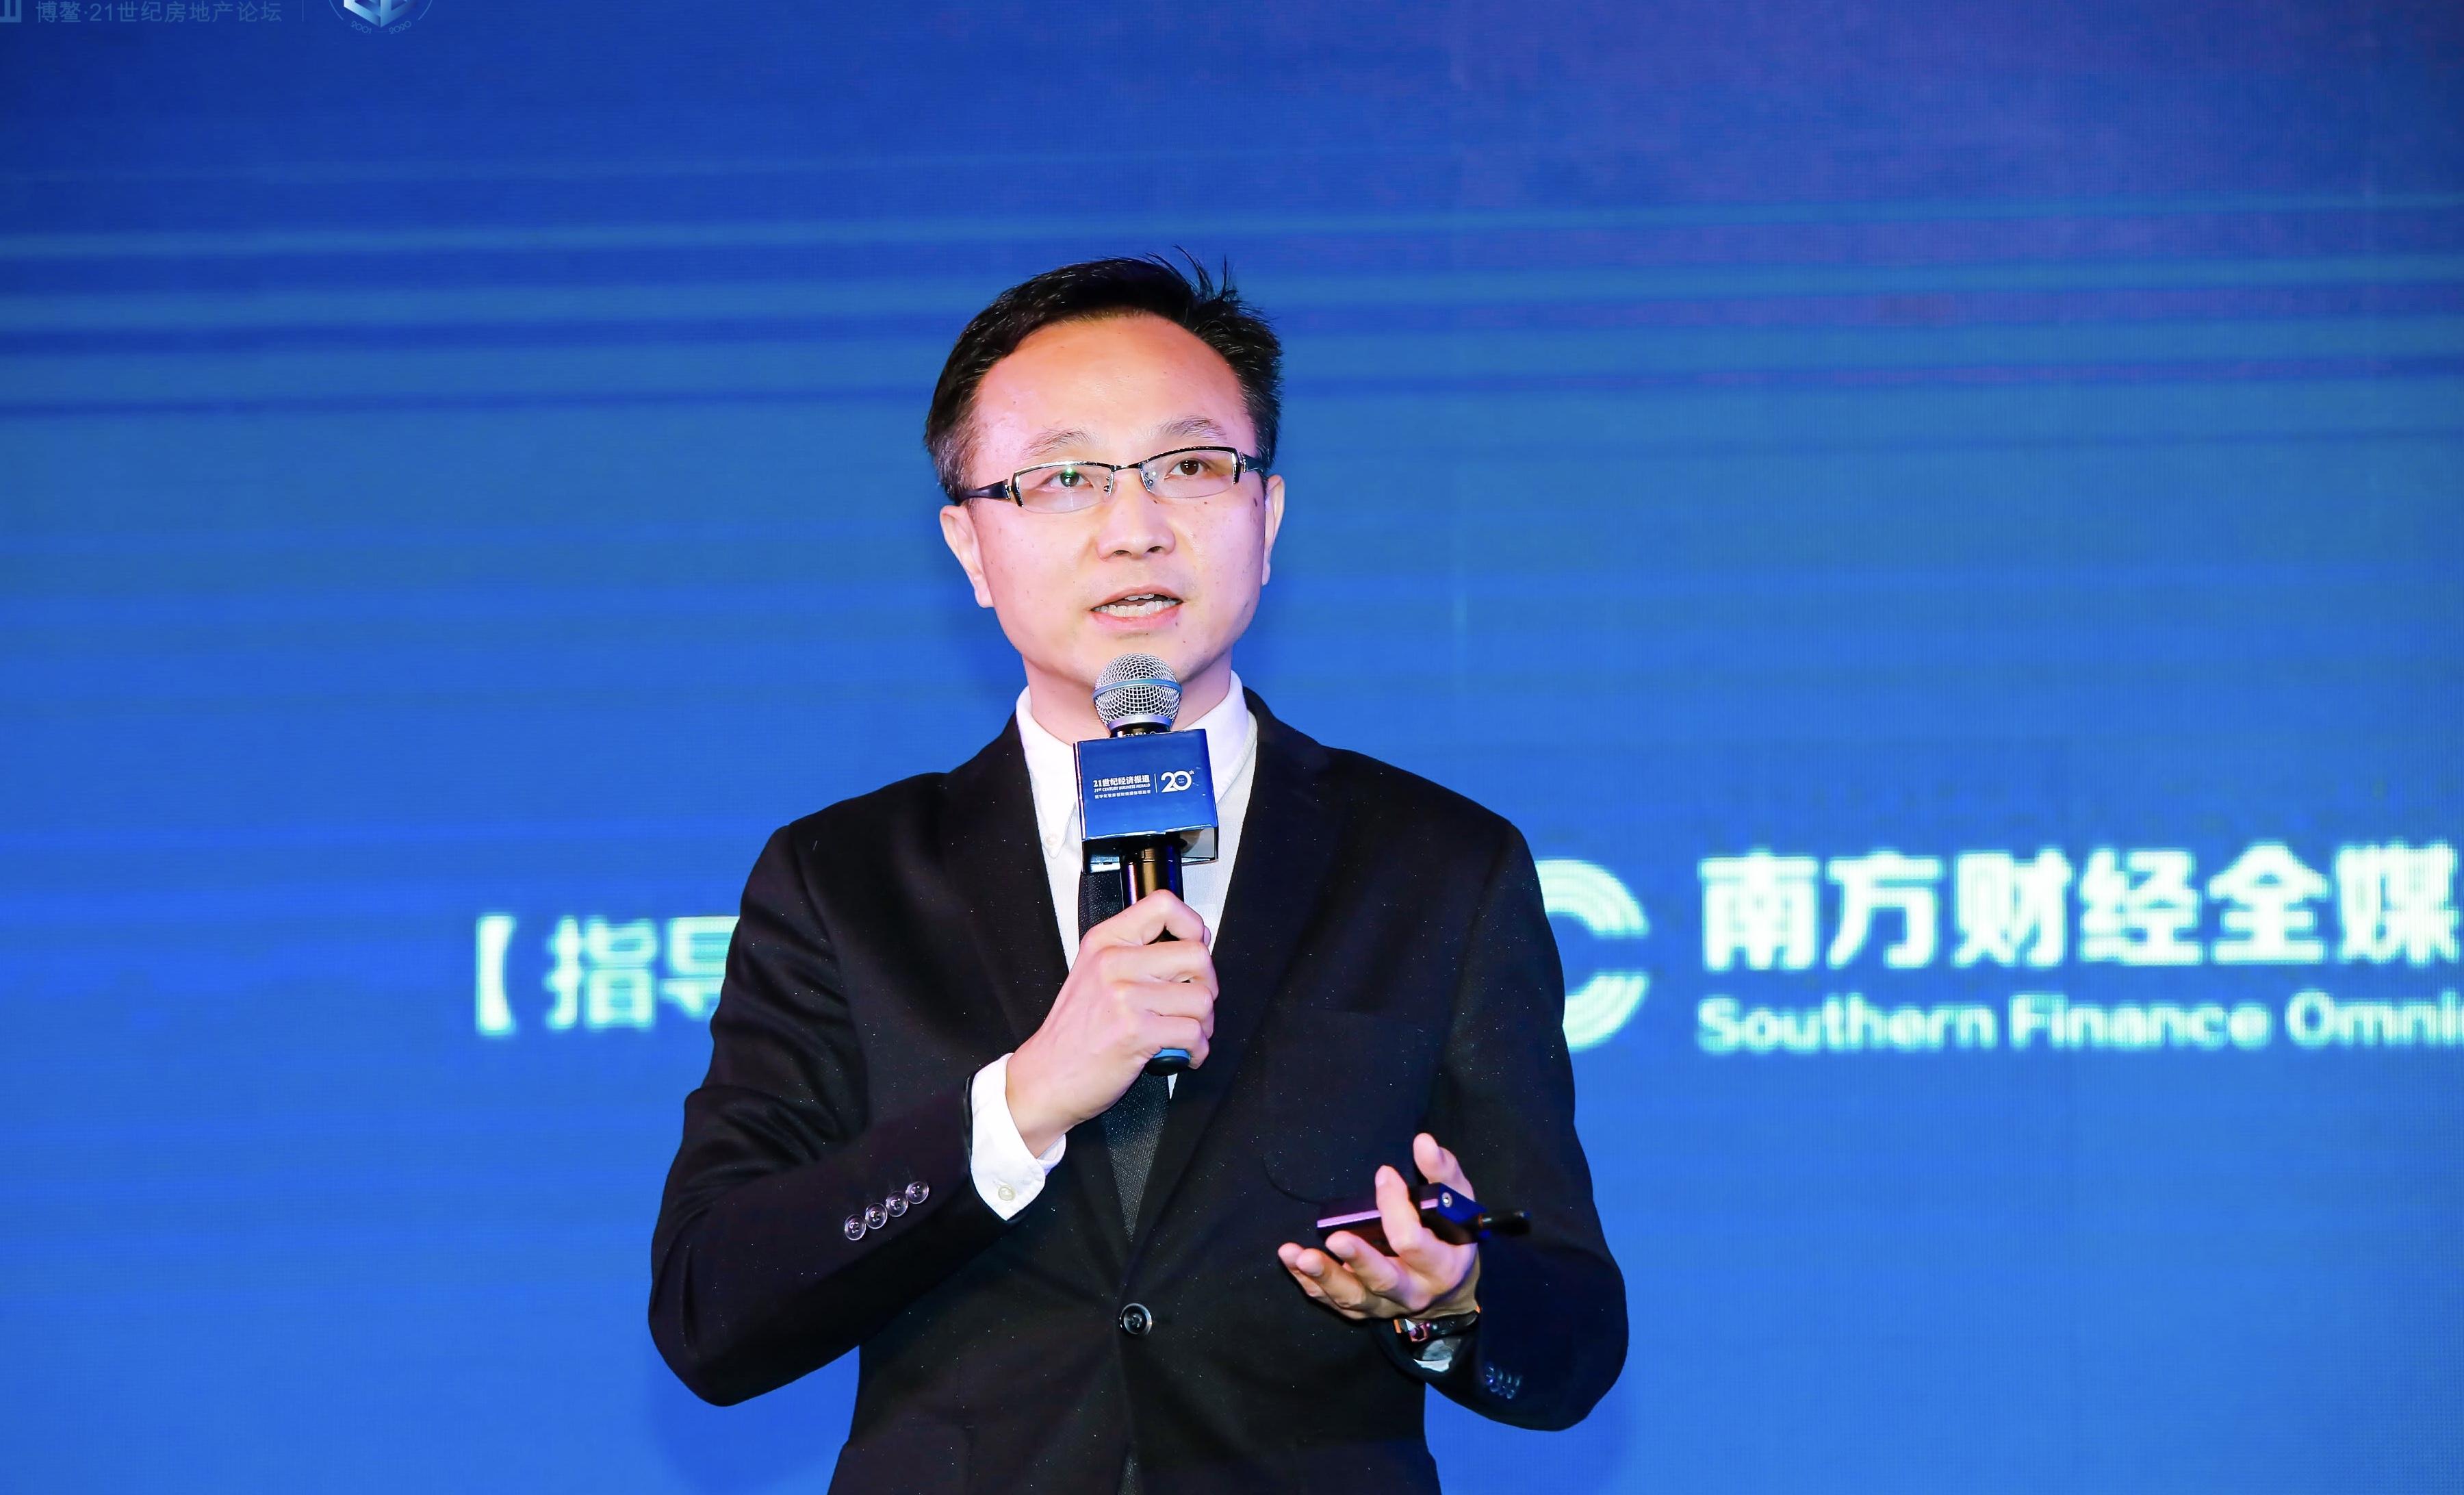 58同城叶兵出席博鳌房地产论坛20周年大会 新基建助力房地产行业提效-中国网地产